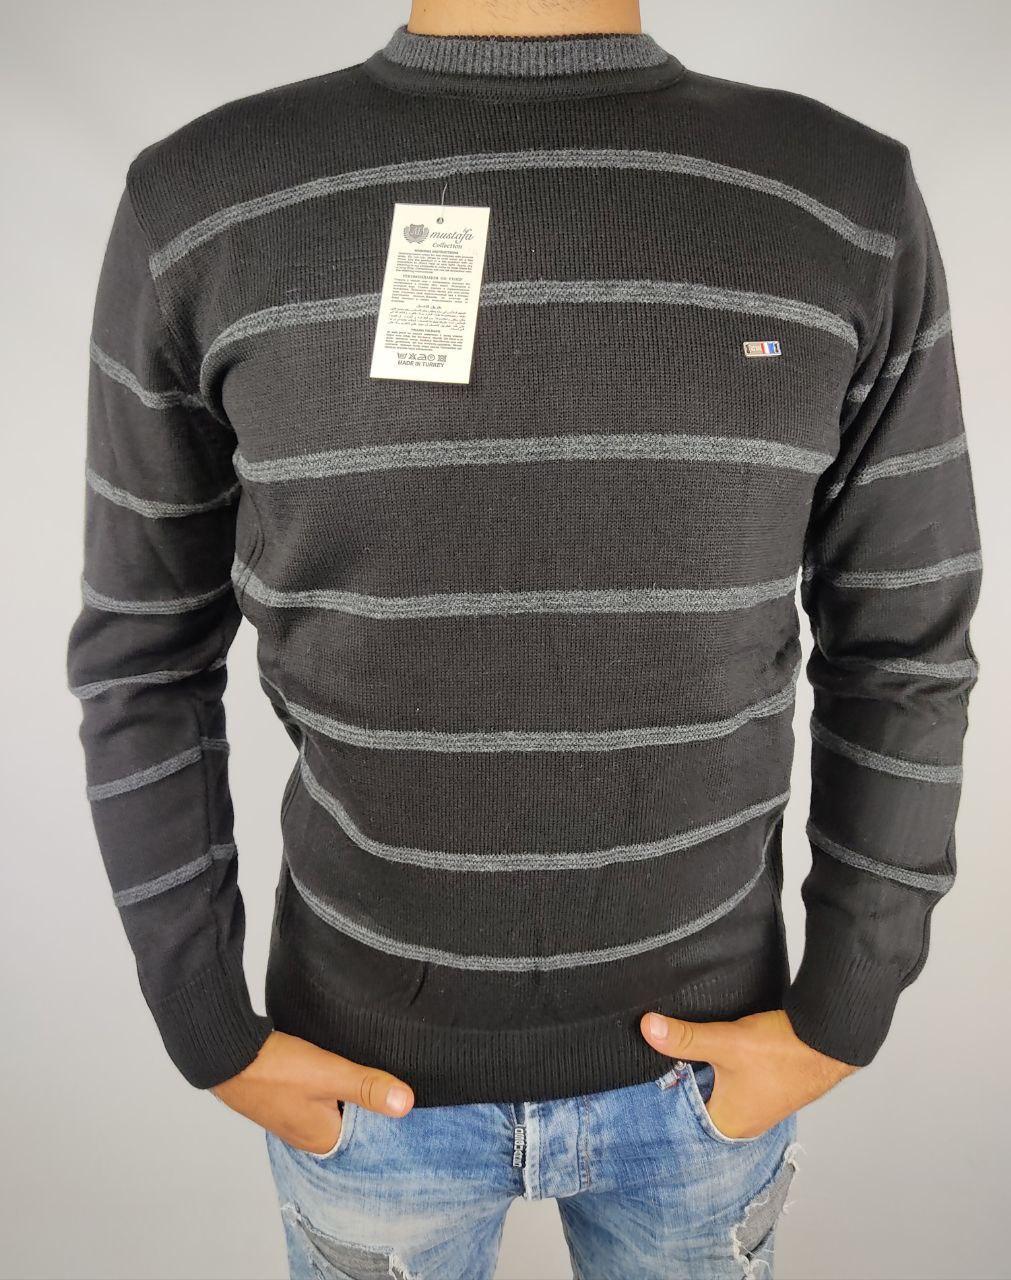 Джемпер мужской JM0100, разные цвета, шерсть акрил, 48-52